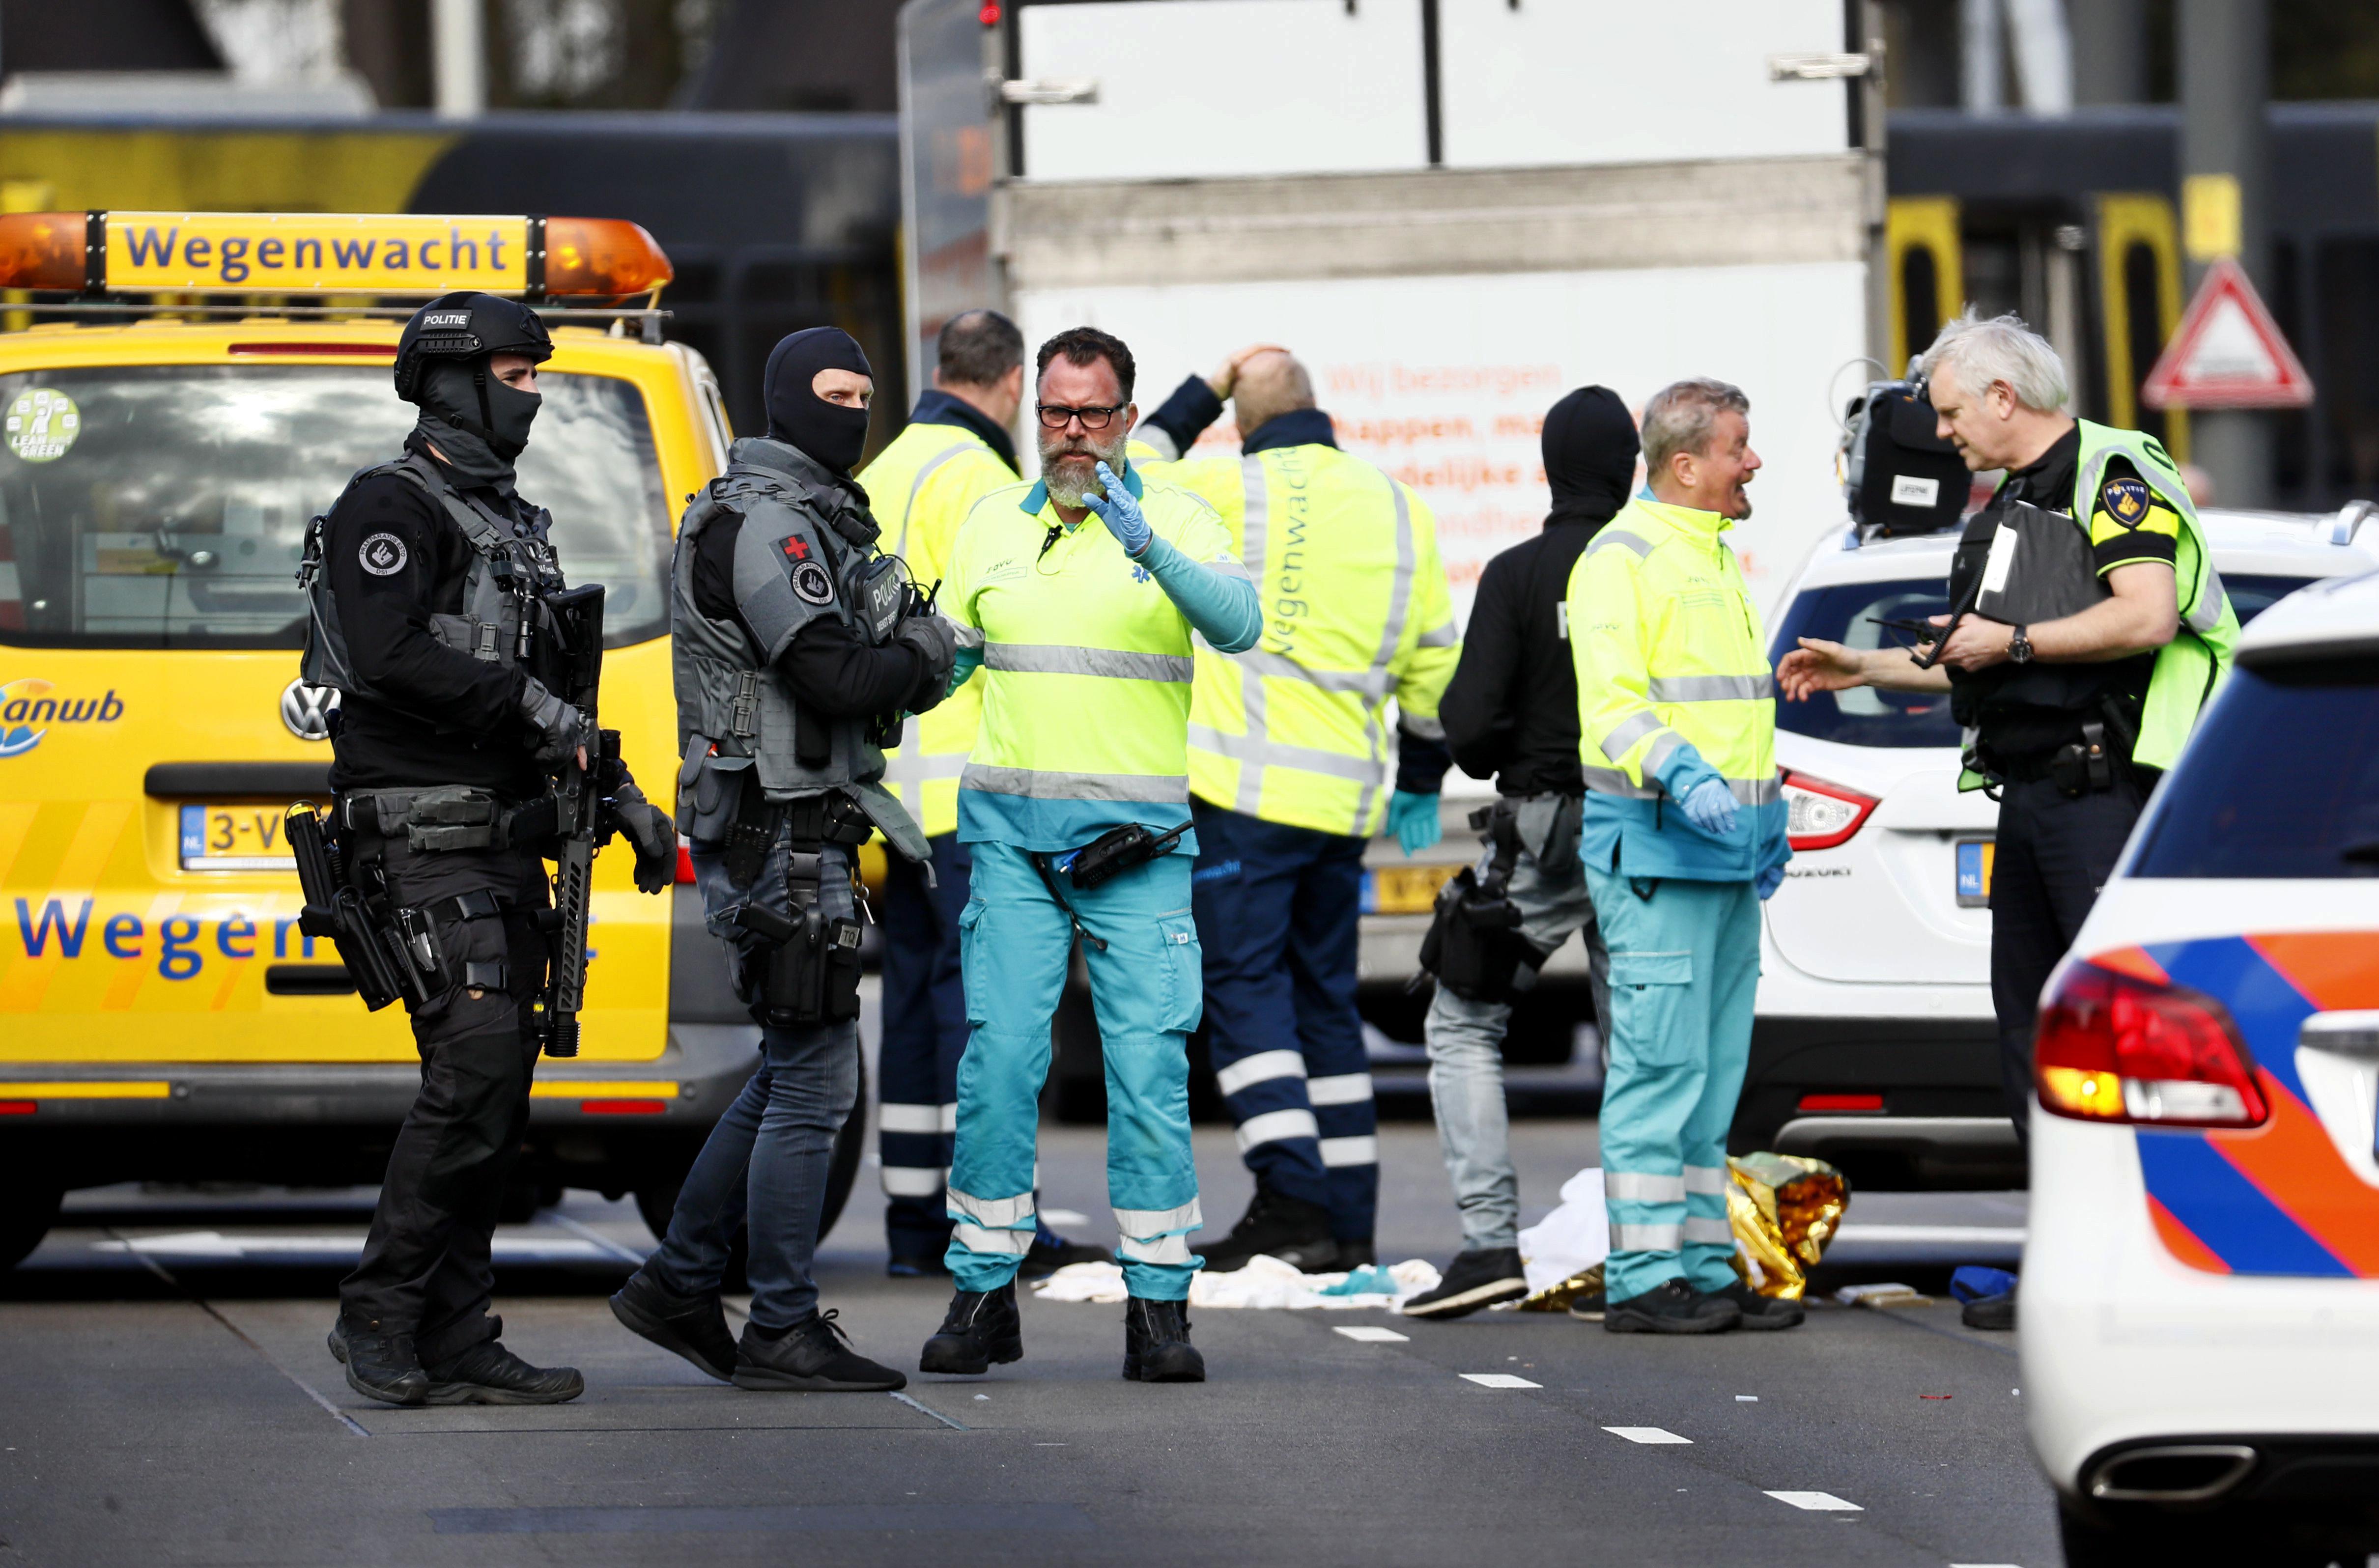 Attentat in Utrecht: Polizei sucht nach 37-Jährigem